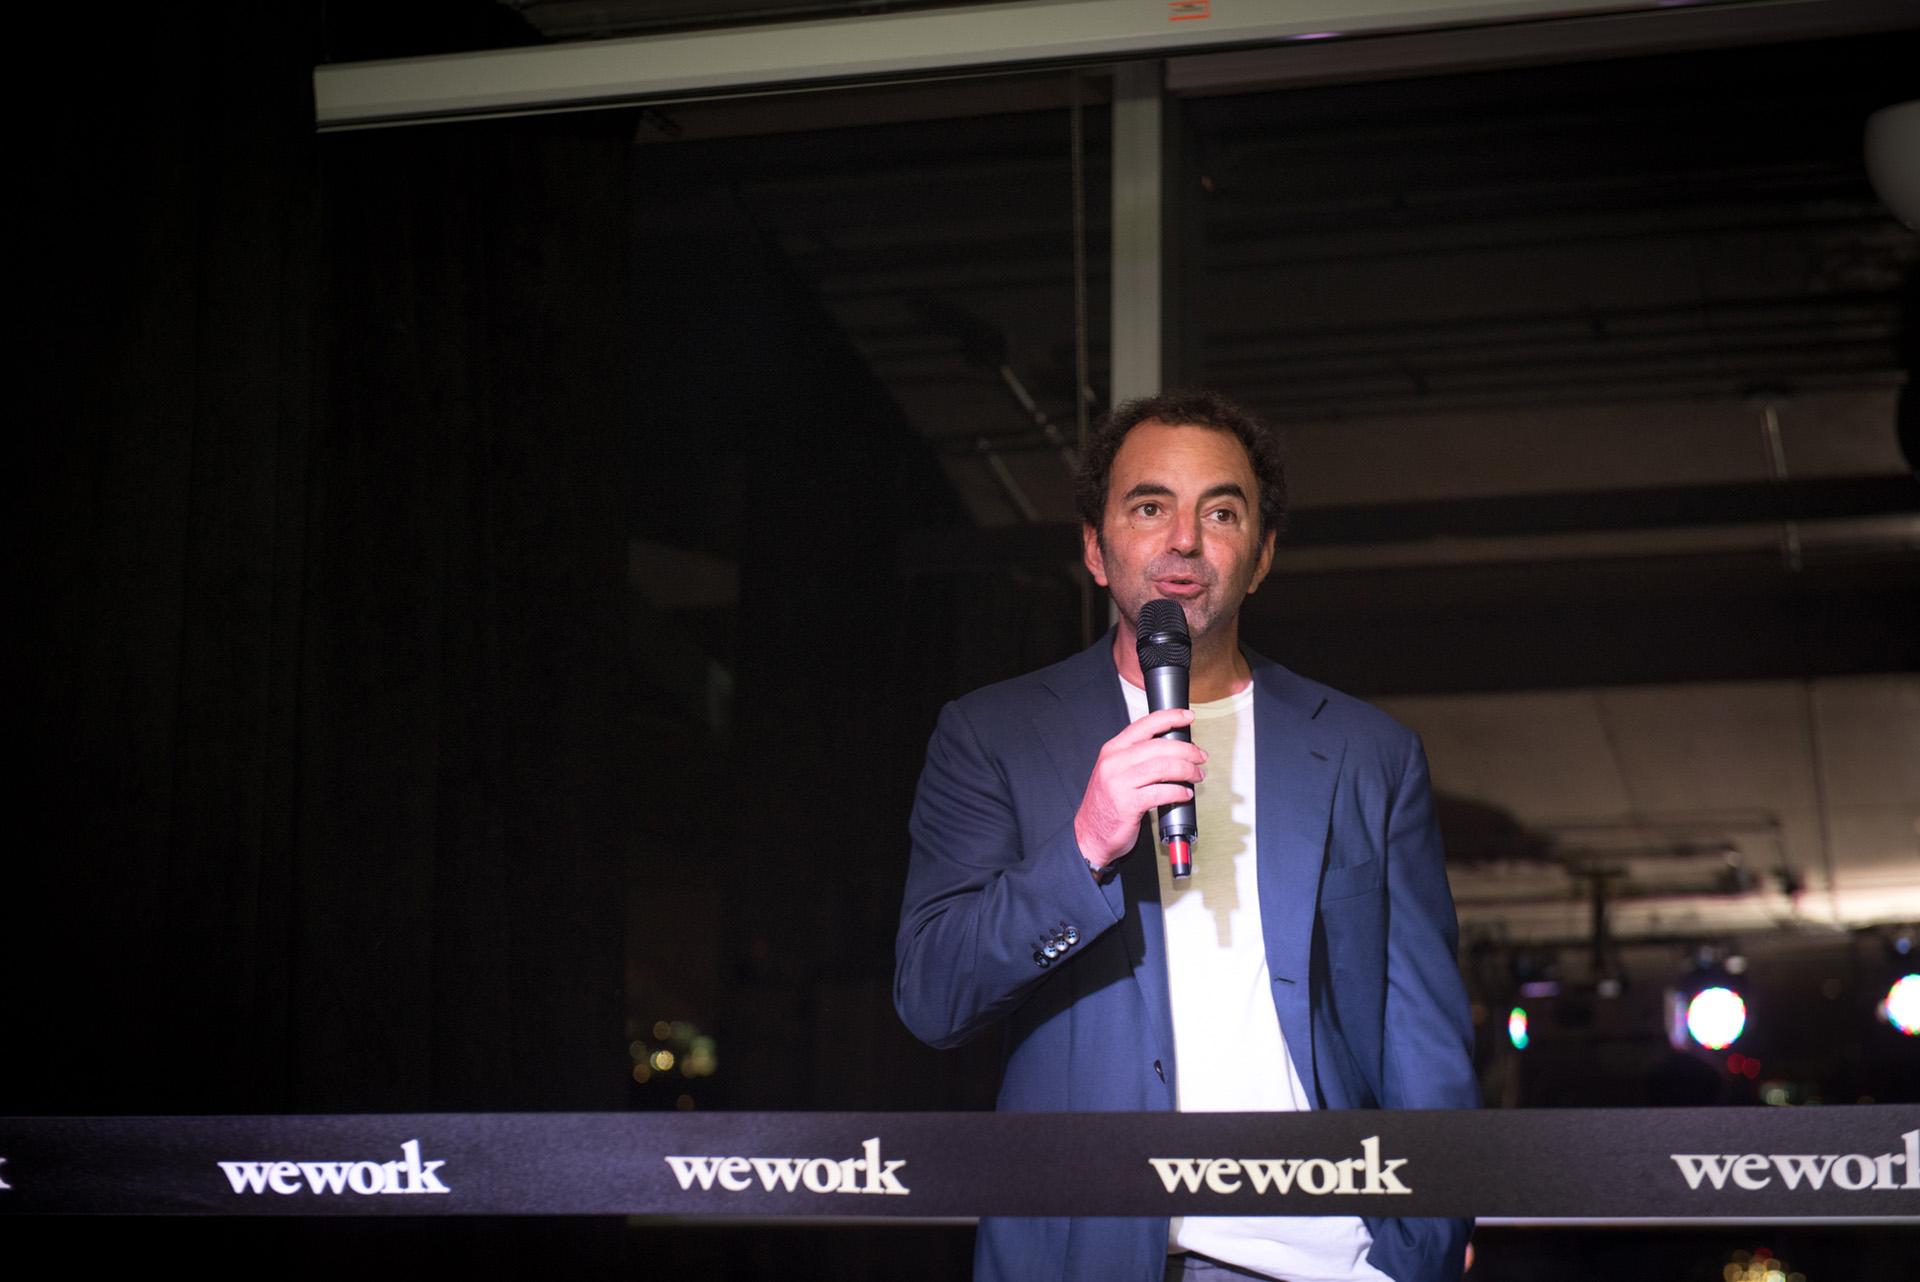 Patricio Fuks, CEO de WeWork para Latinoamérica -una compañía que redefinió el concepto del trabajo en todo el mundo- durante la inauguración de su nuevo edificio en Vicente López, el mismo mes de su primer aniversario en la Argentina